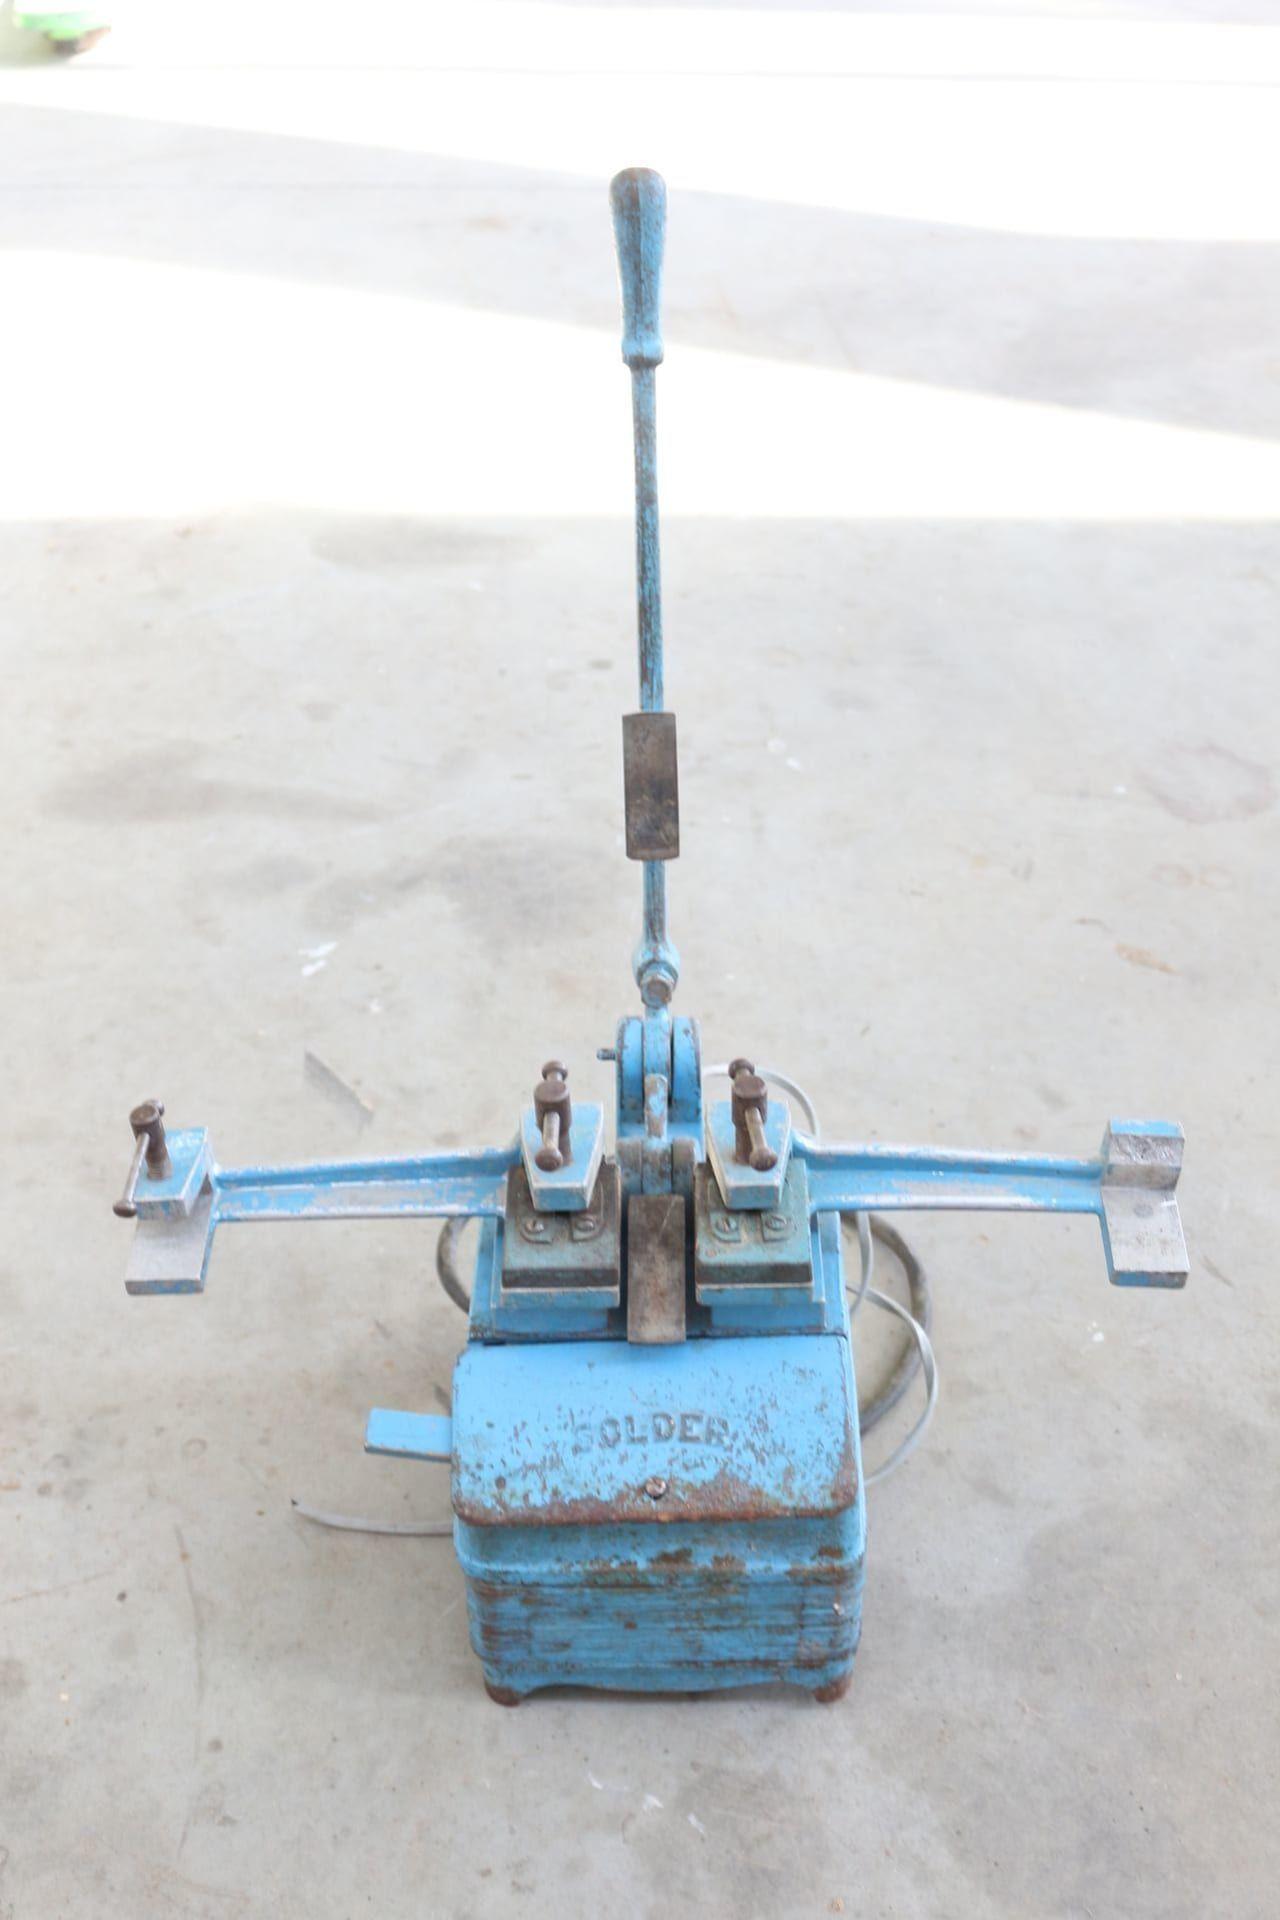 SOLDER Schweißmaschine für Bandsägeblätter